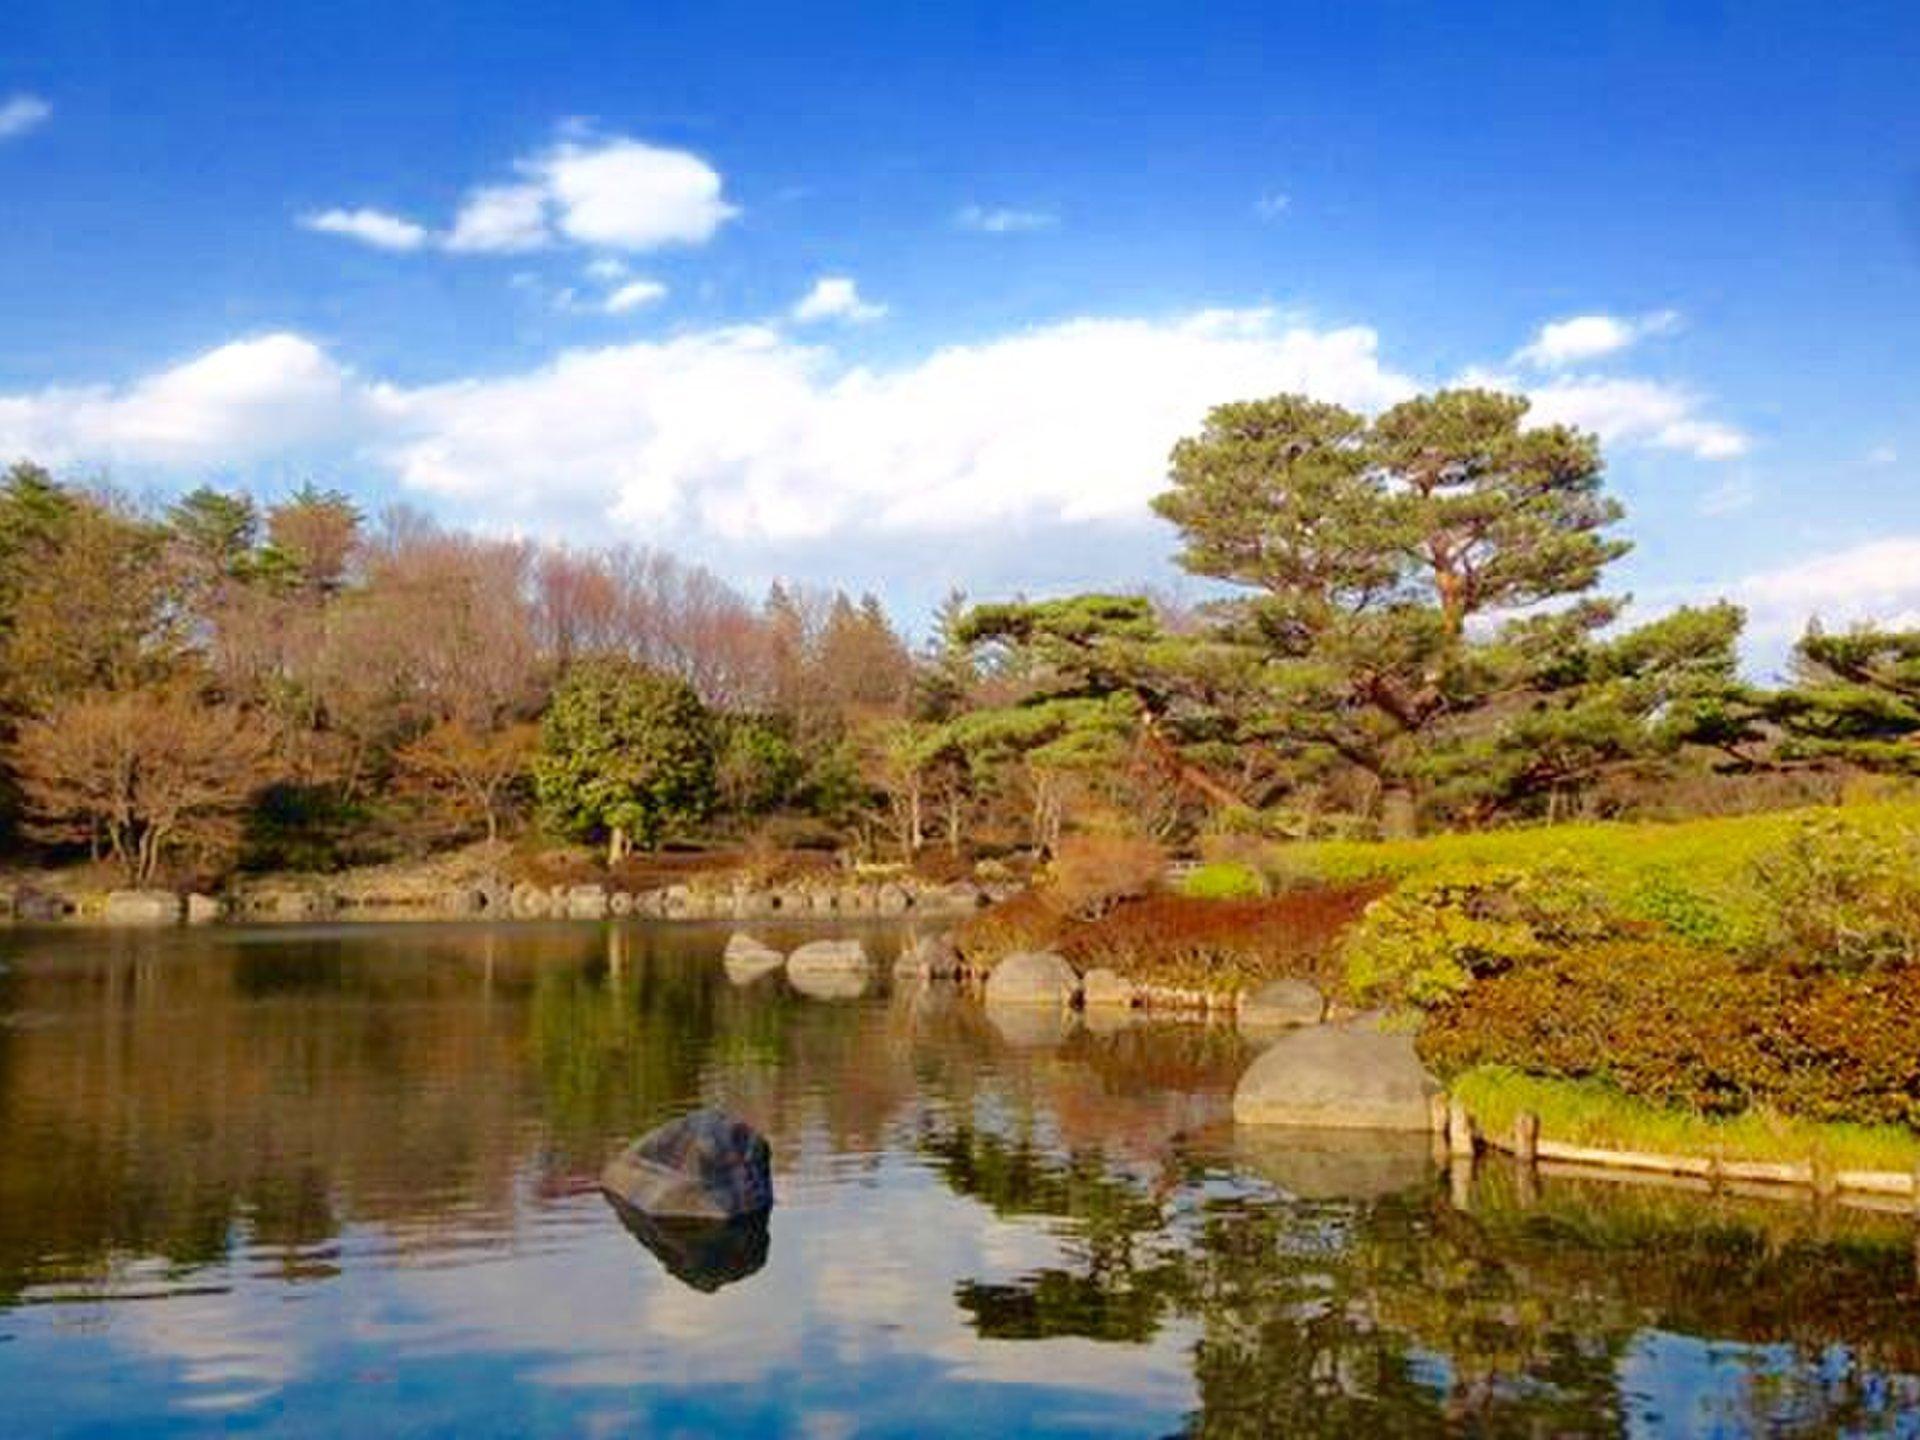 【休日にまったりお散歩できる!】低予算で落ち着いた休日を楽しみたい人向け。東京都内の穴場庭園特集!